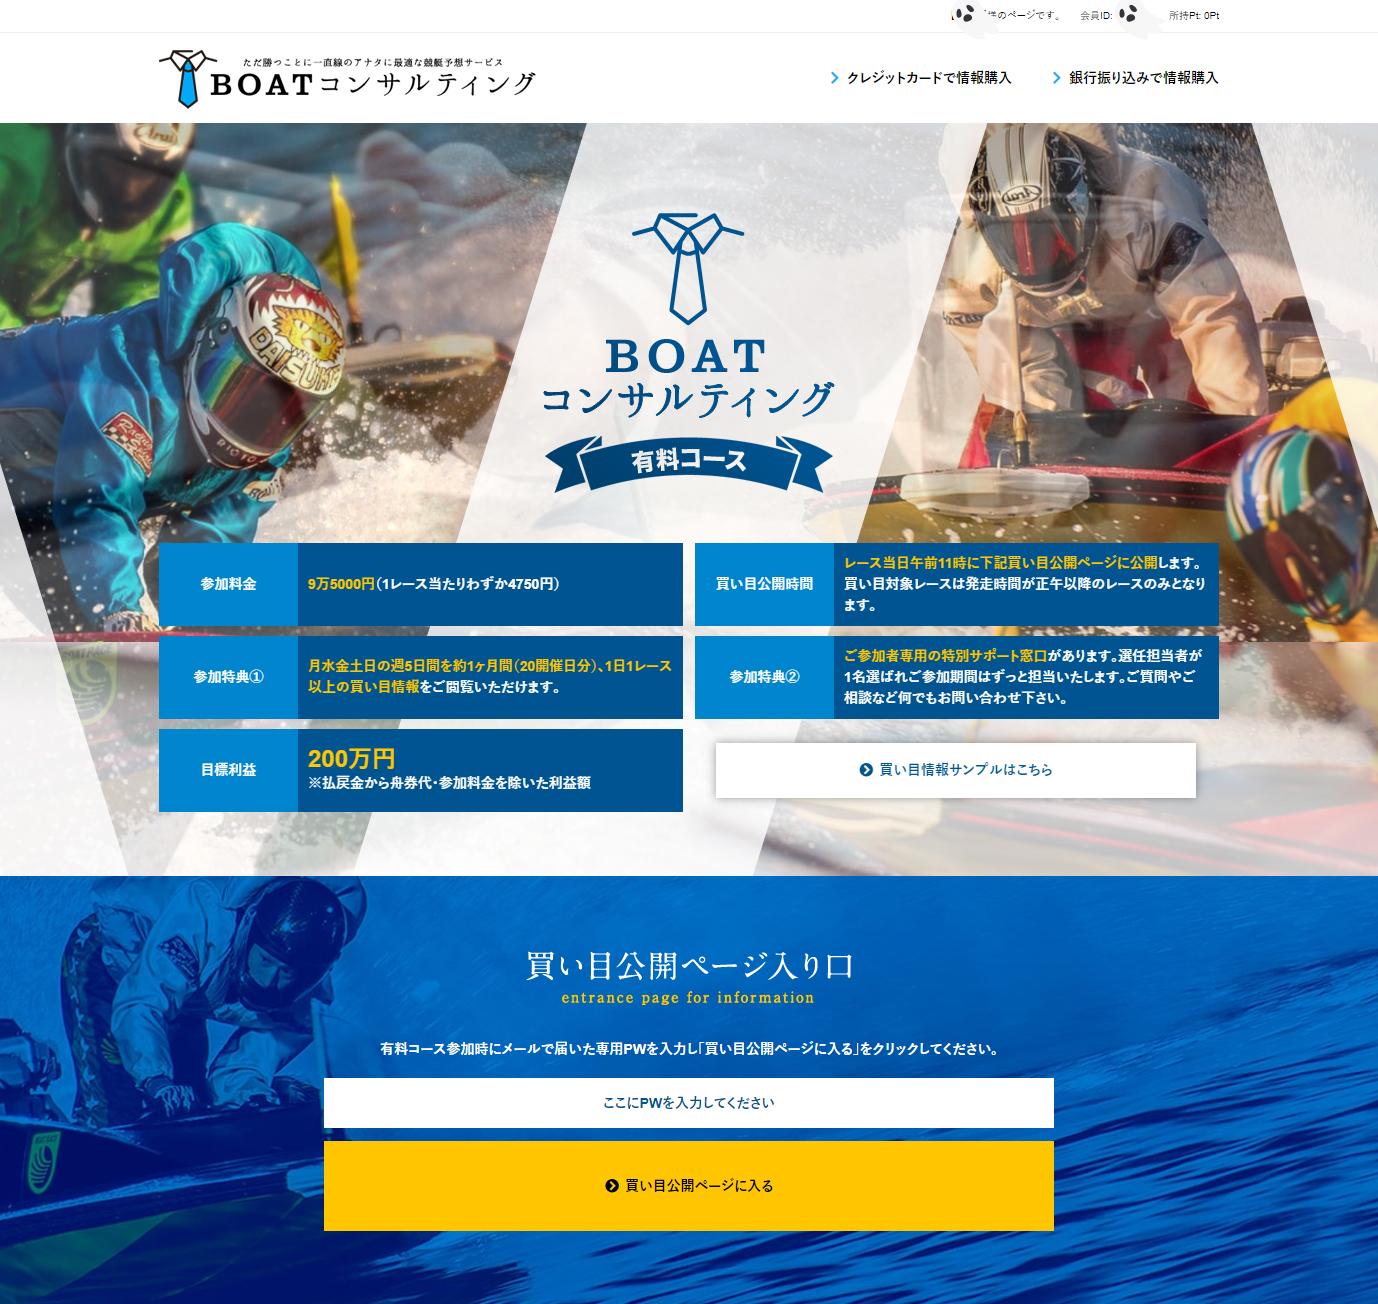 悪徳競艇予想サイト BOATコンサルティング(ボートコンサルティング) 登録後ページ 口コミ検証や無料情報の予想結果も公開中